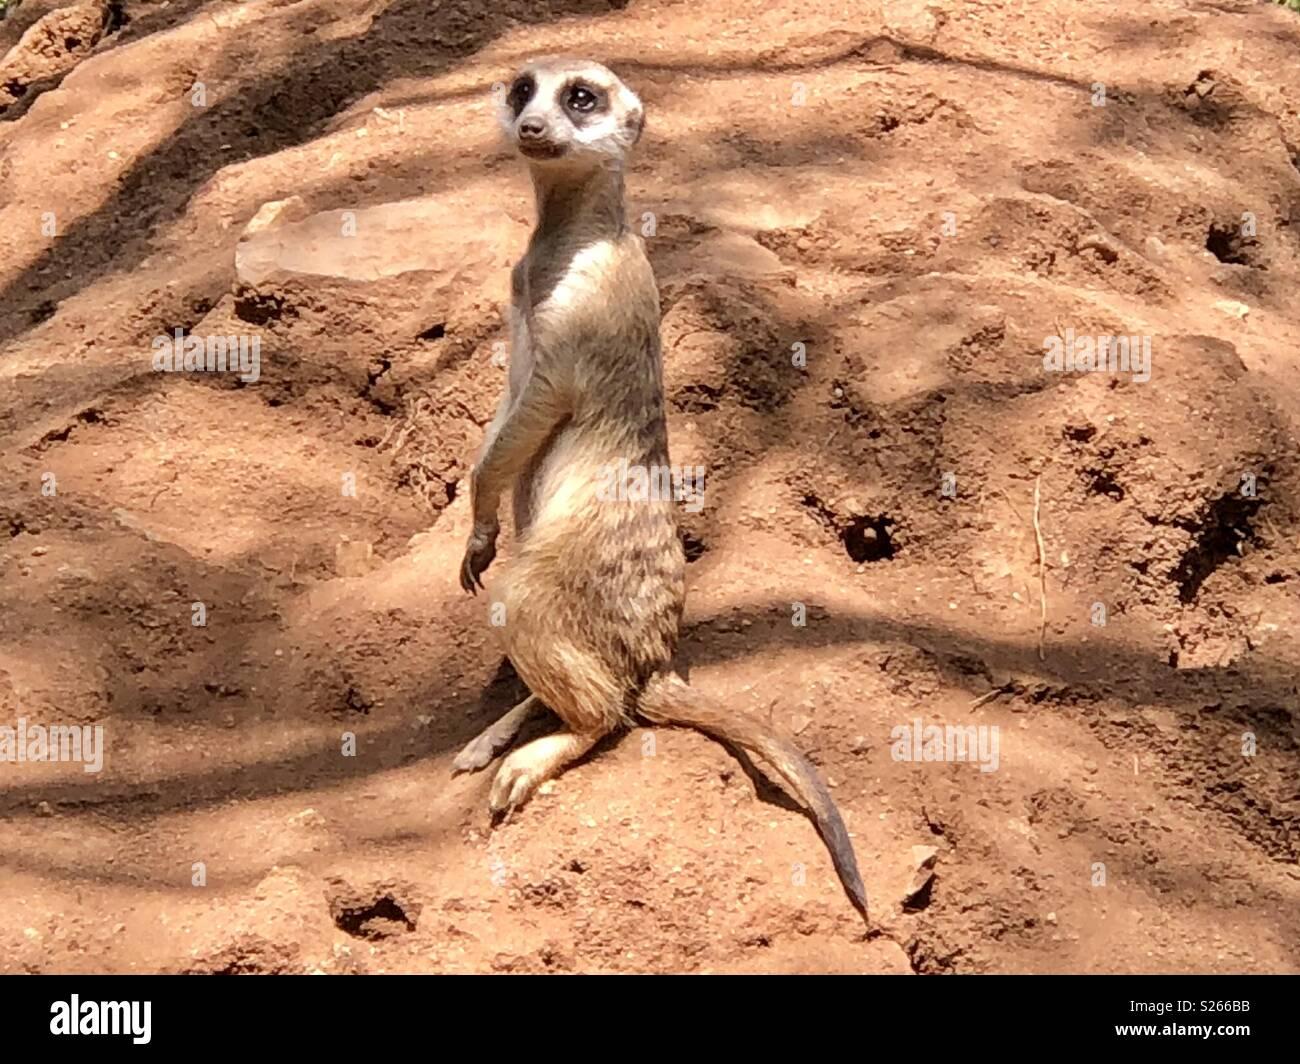 Meerkat - Stock Image